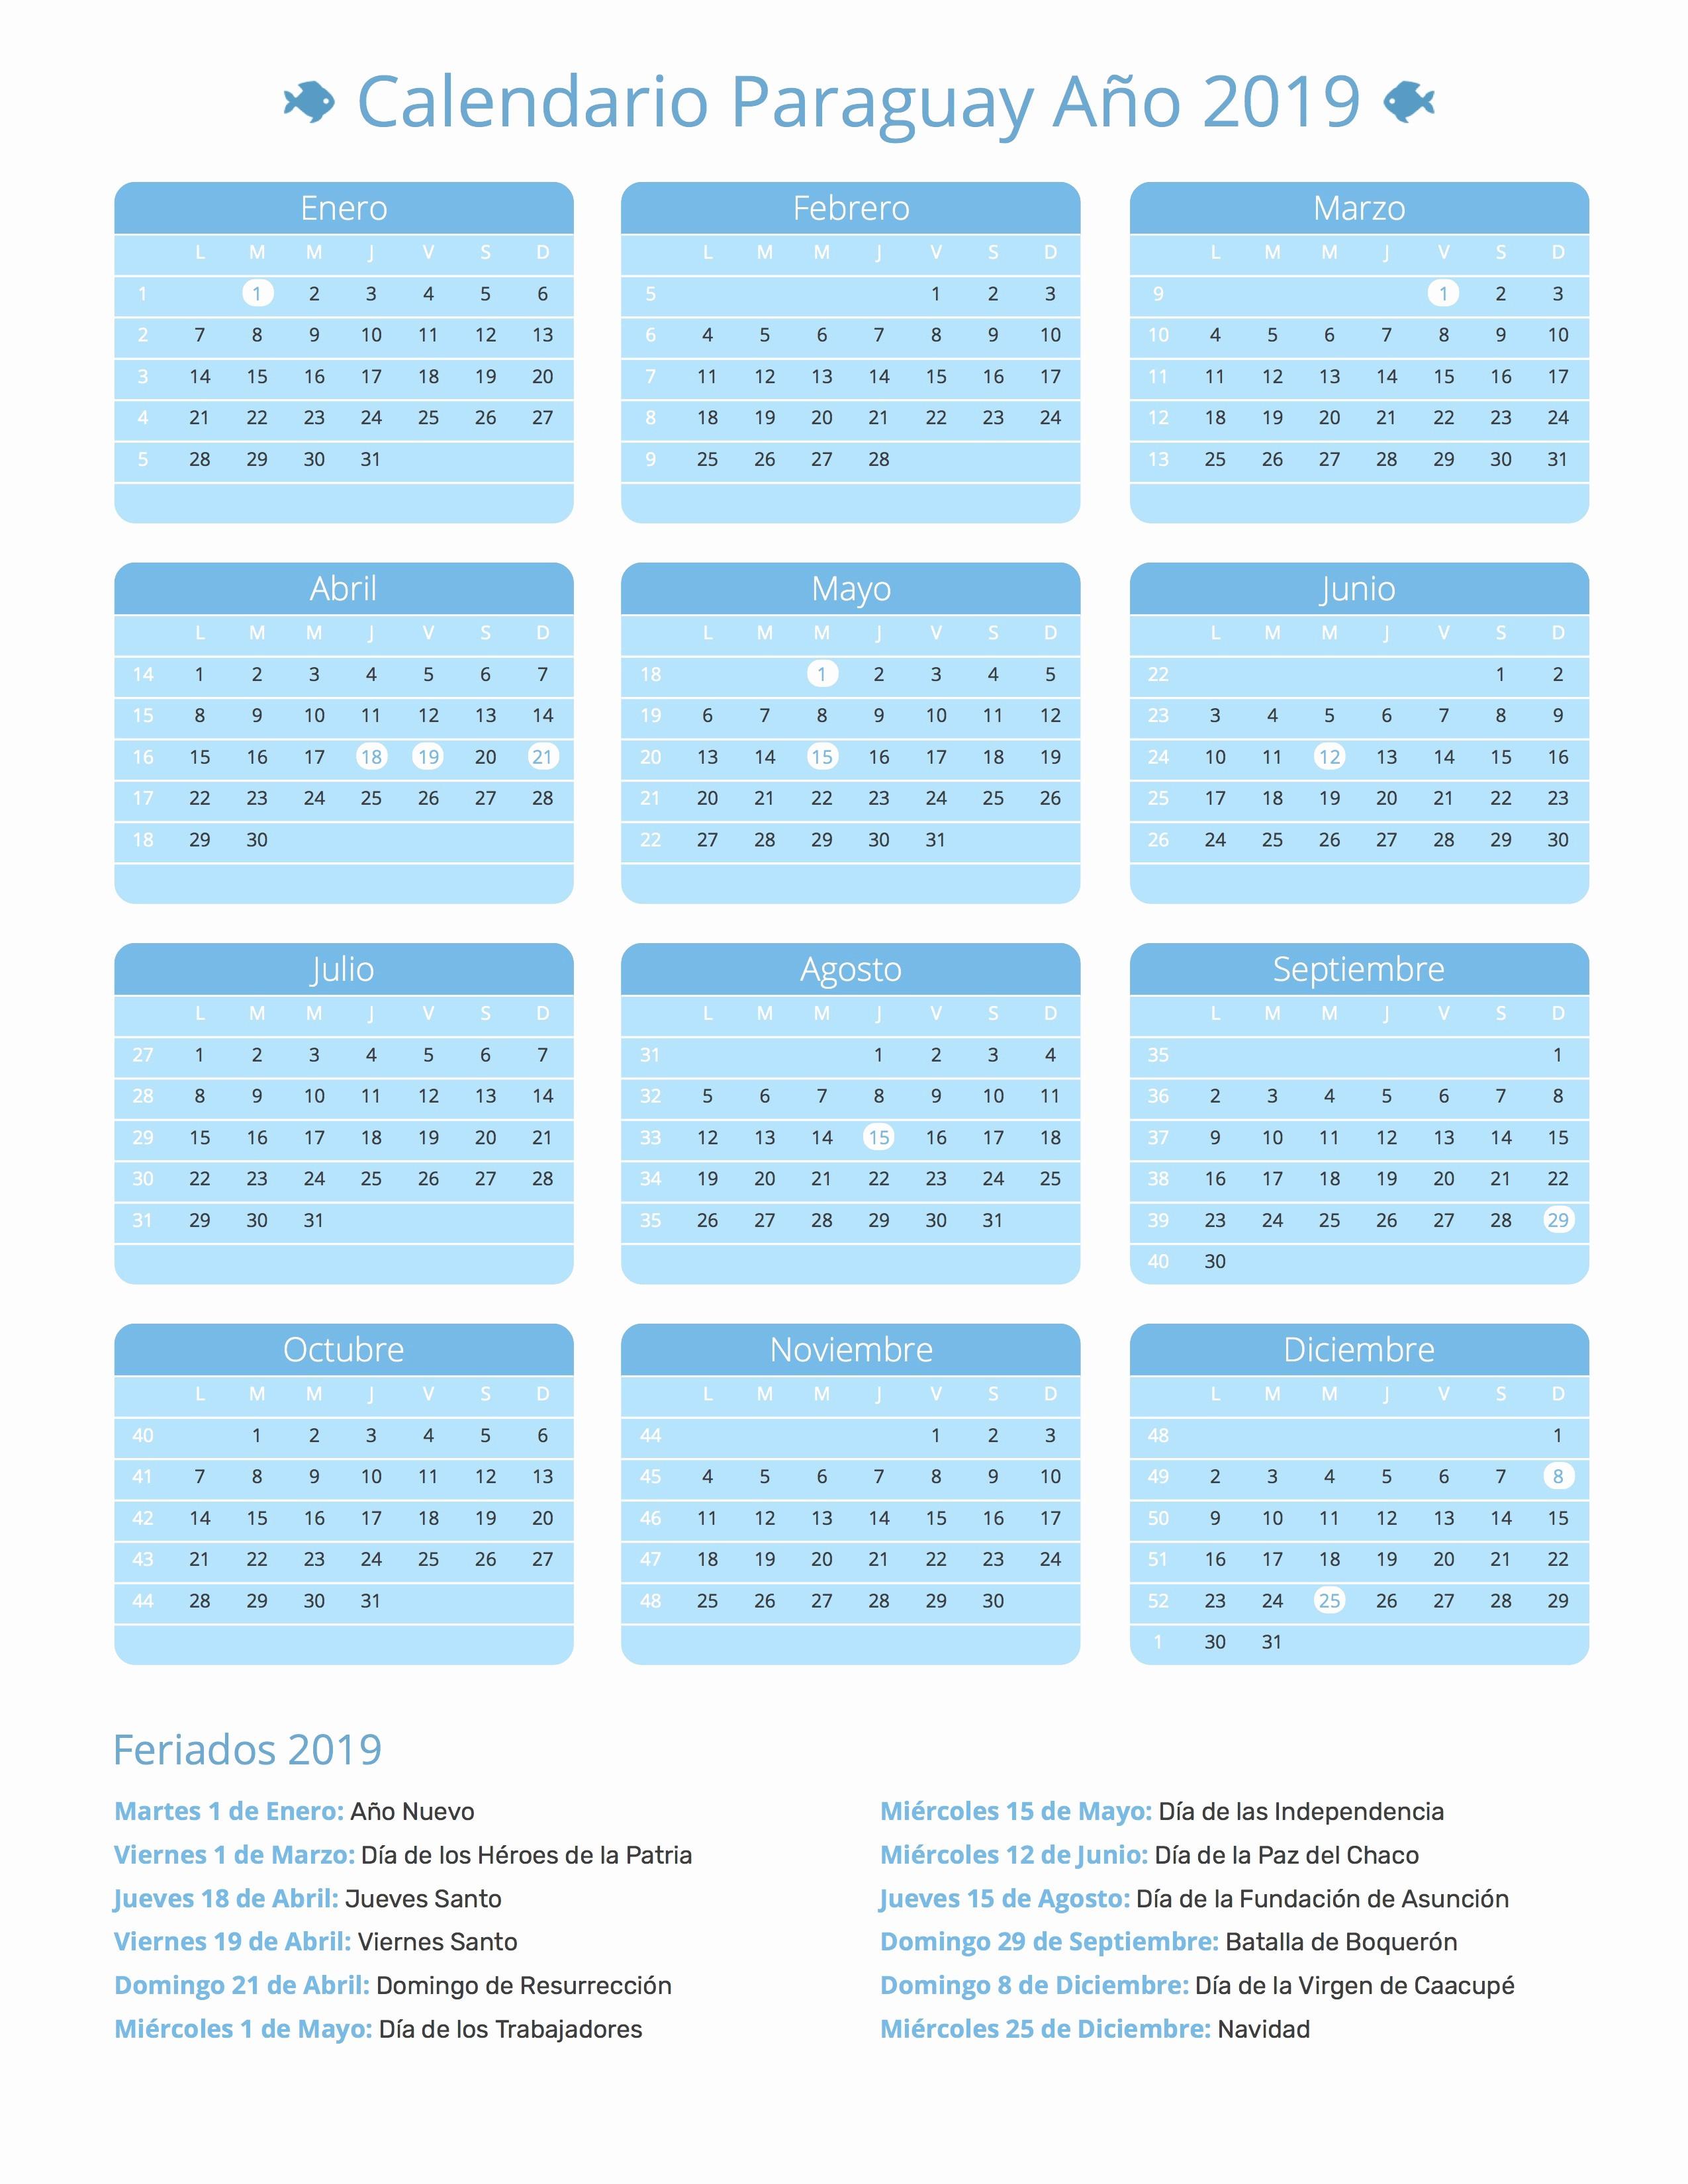 Calendario 2019 Semana Santa Paraguay Más Arriba-a-fecha Puente Octubre Calendario 2019 Of Calendario 2019 Semana Santa Paraguay Recientes Lmb En Crisis Retorno De Bravos De Leon